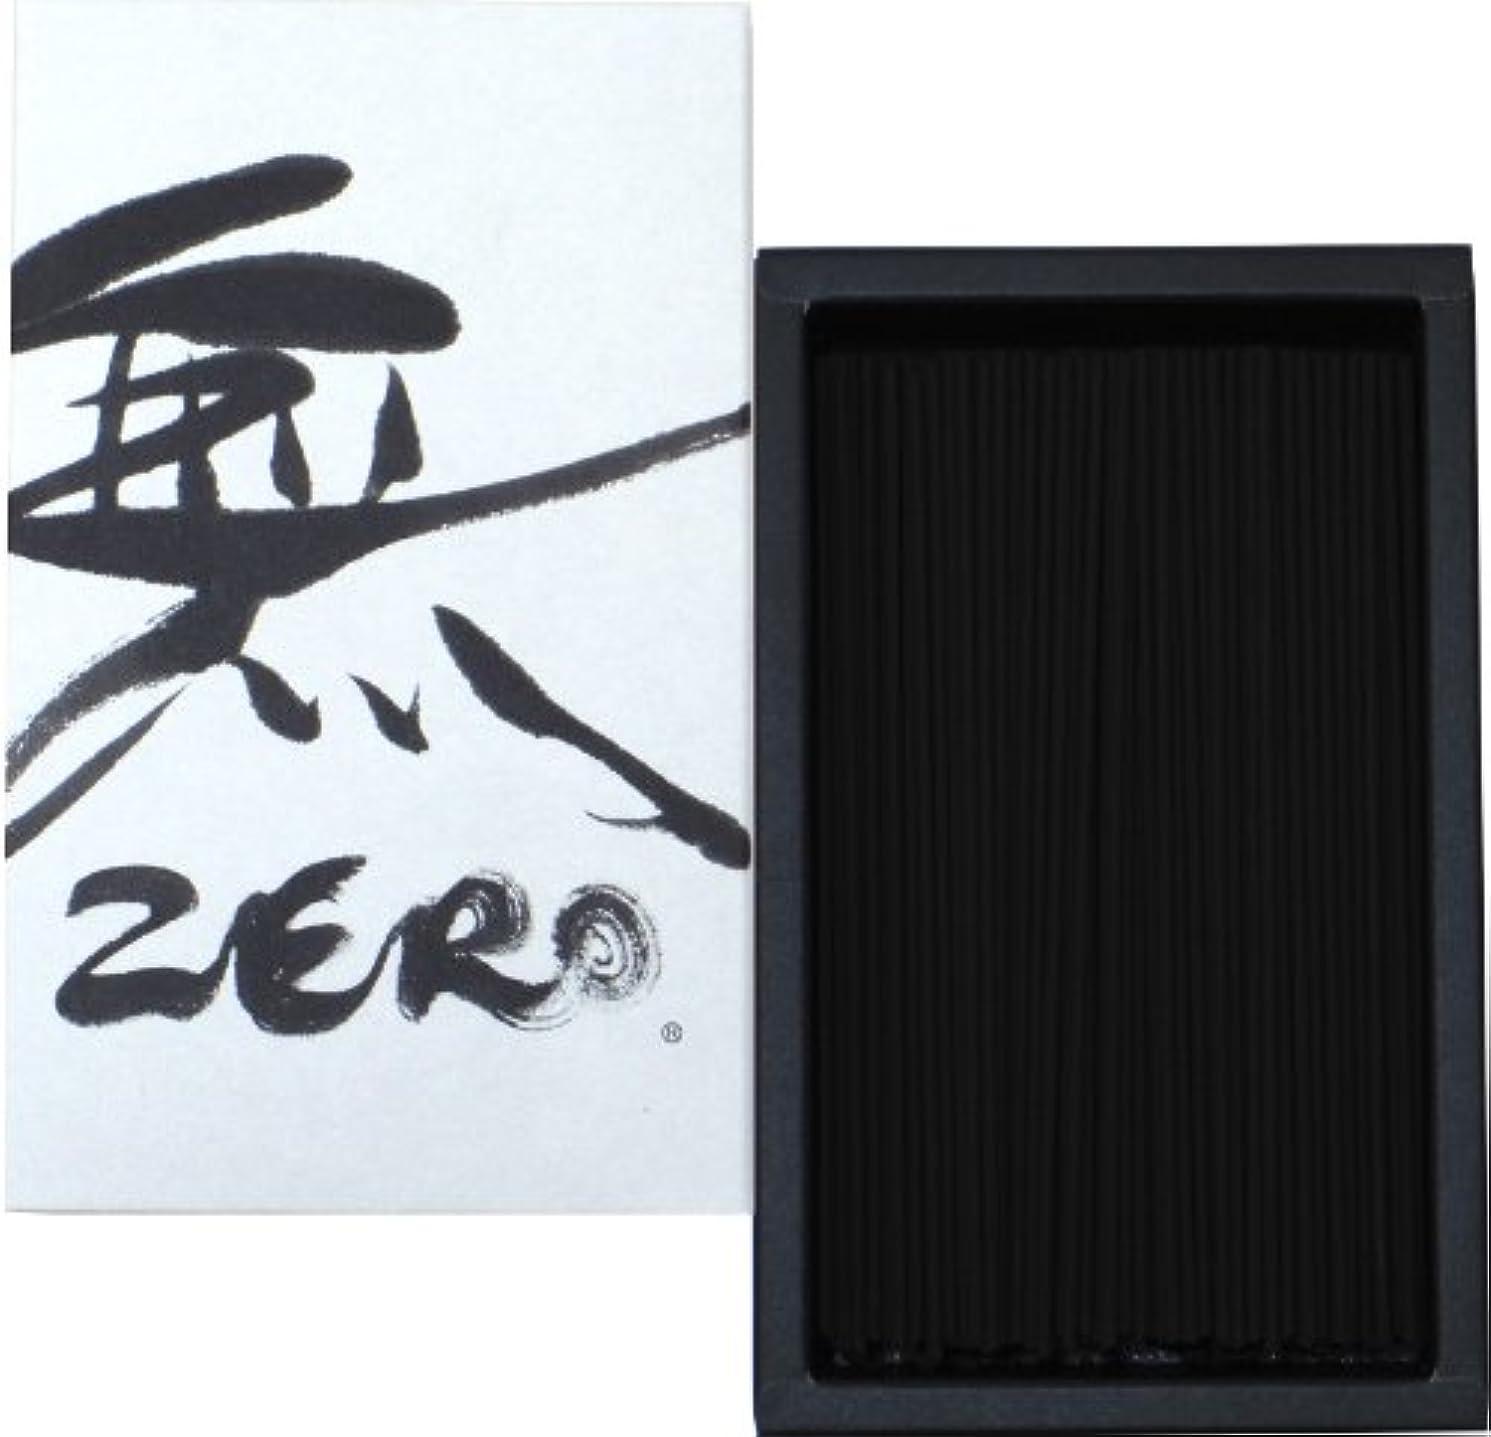 光参照するフェッチ丸叶むらたのお線香 無 ZERO(ゼロ)大バラ 約160g #ZR-01